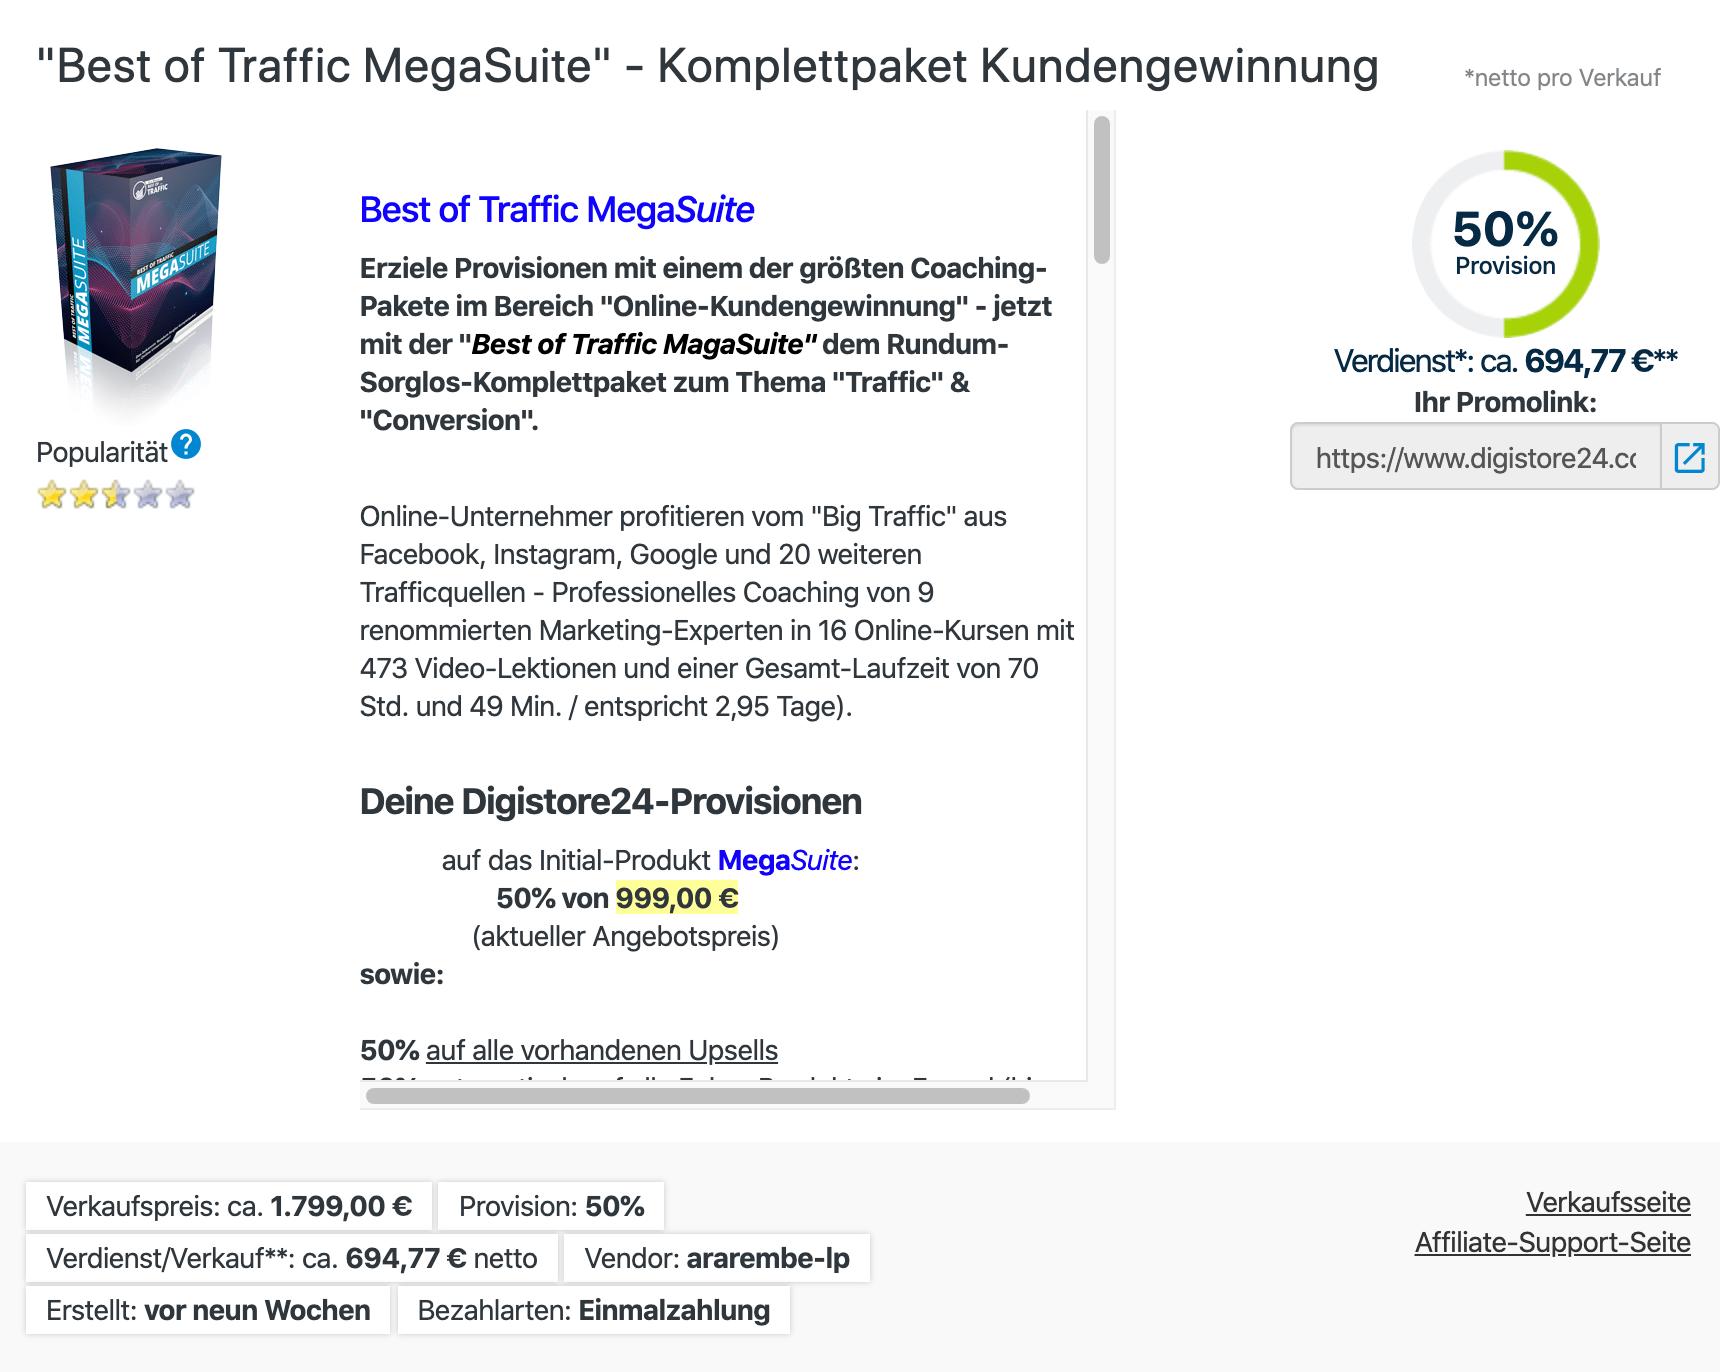 SvenMeissnerpartnerprogramm